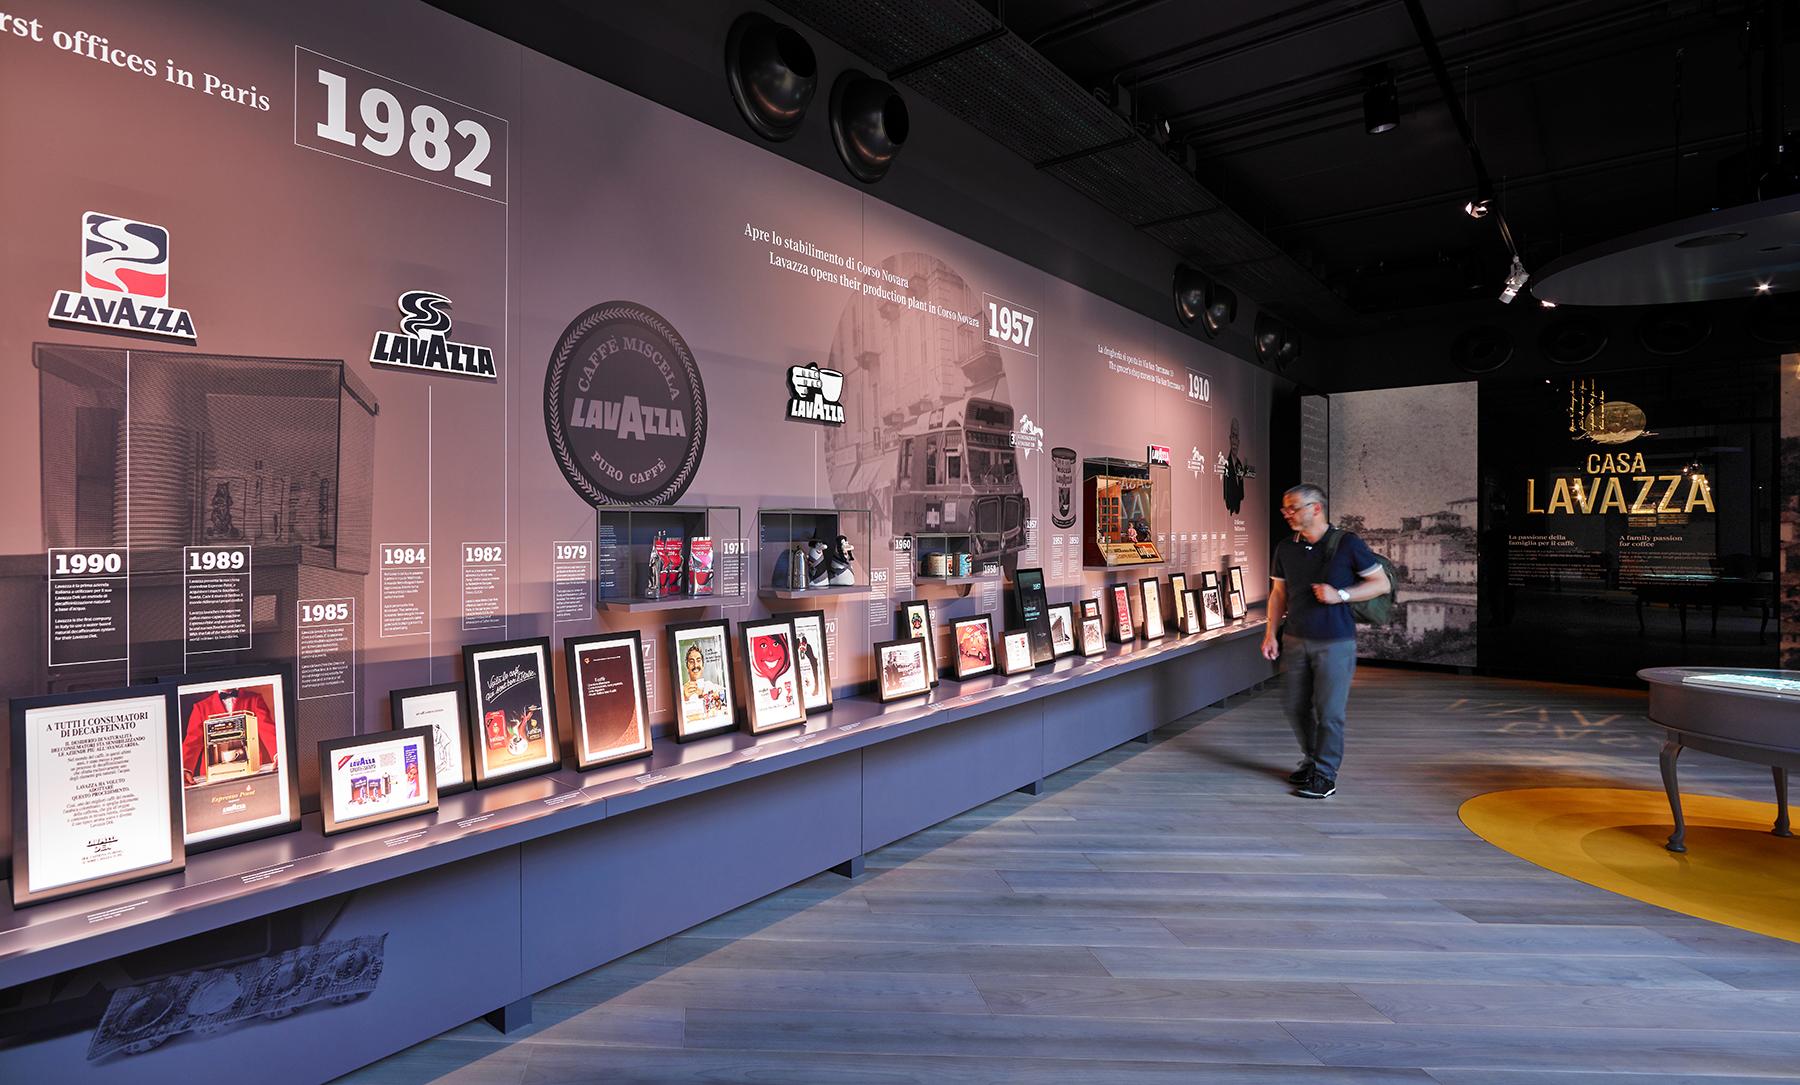 The Lavazza Museum